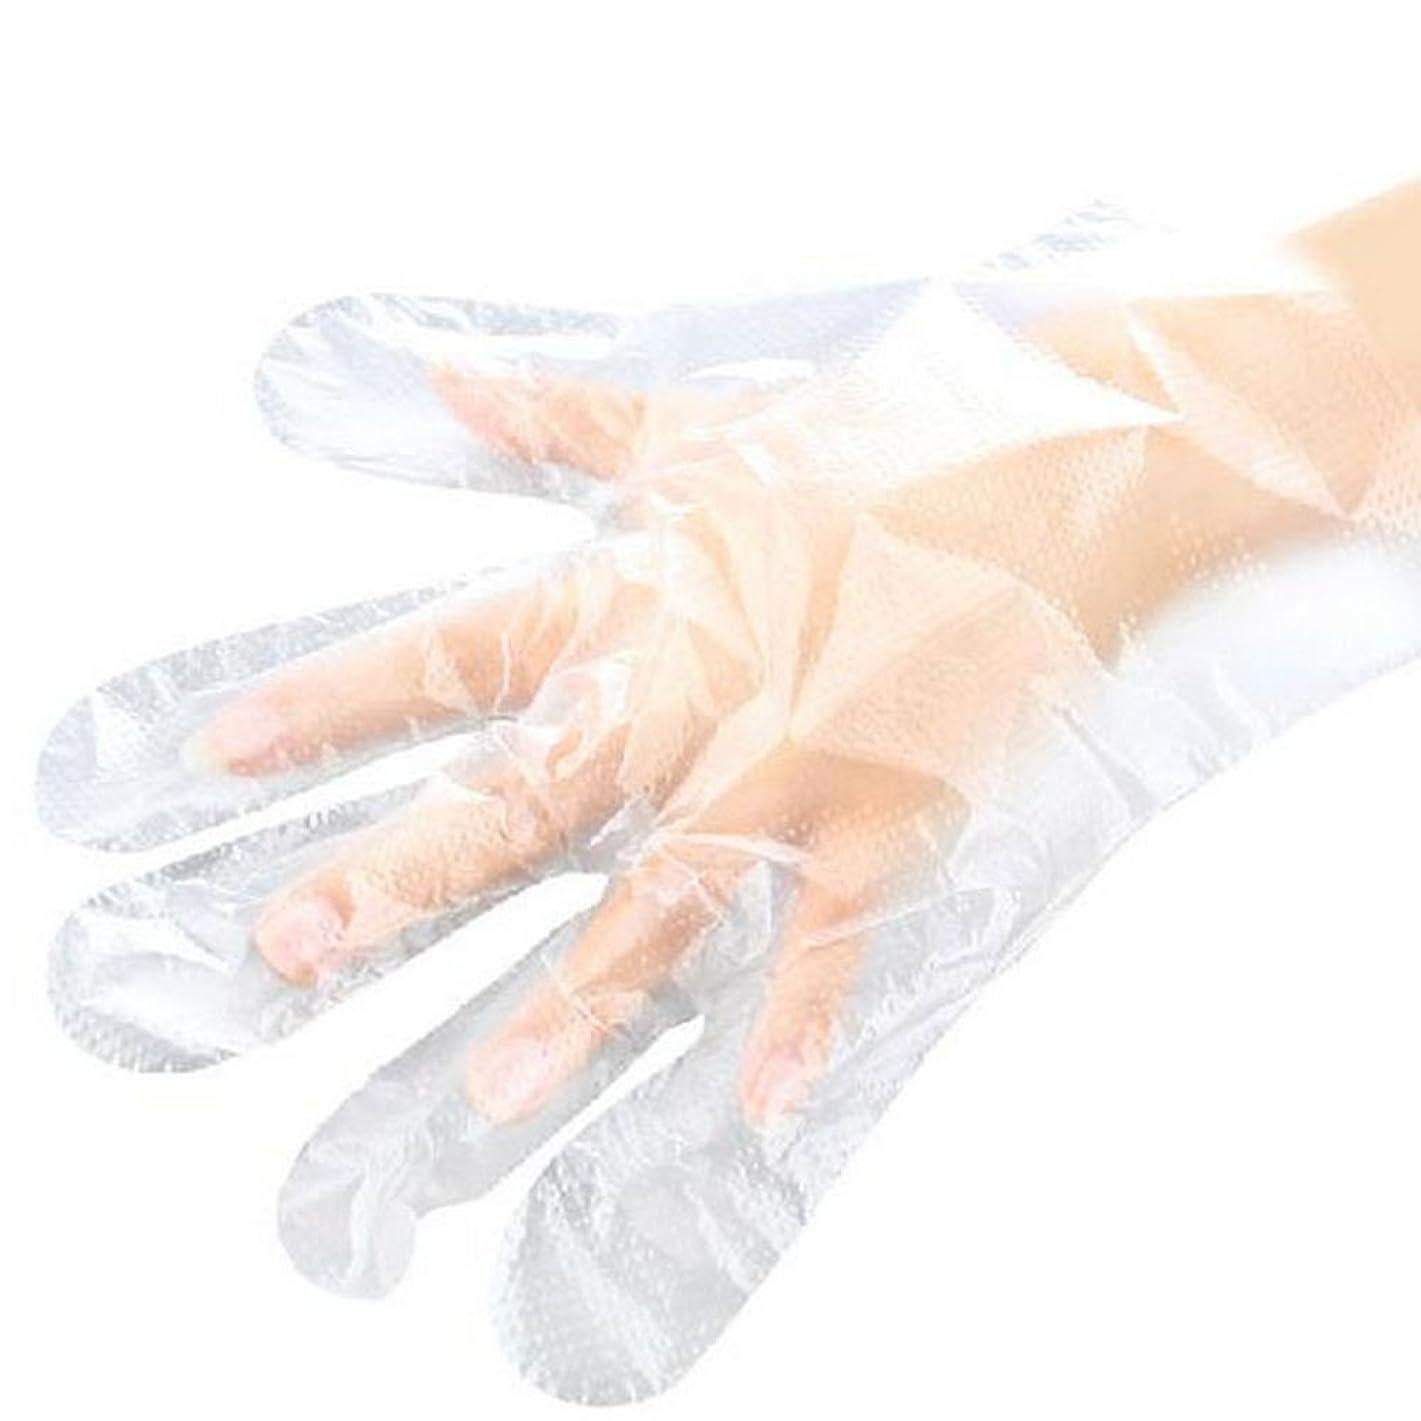 蚊ルーチン失敗山の奥 使い捨て手袋 ポリエチレン使い切り手袋 極薄 調理 透明 実用 衛生 100枚入